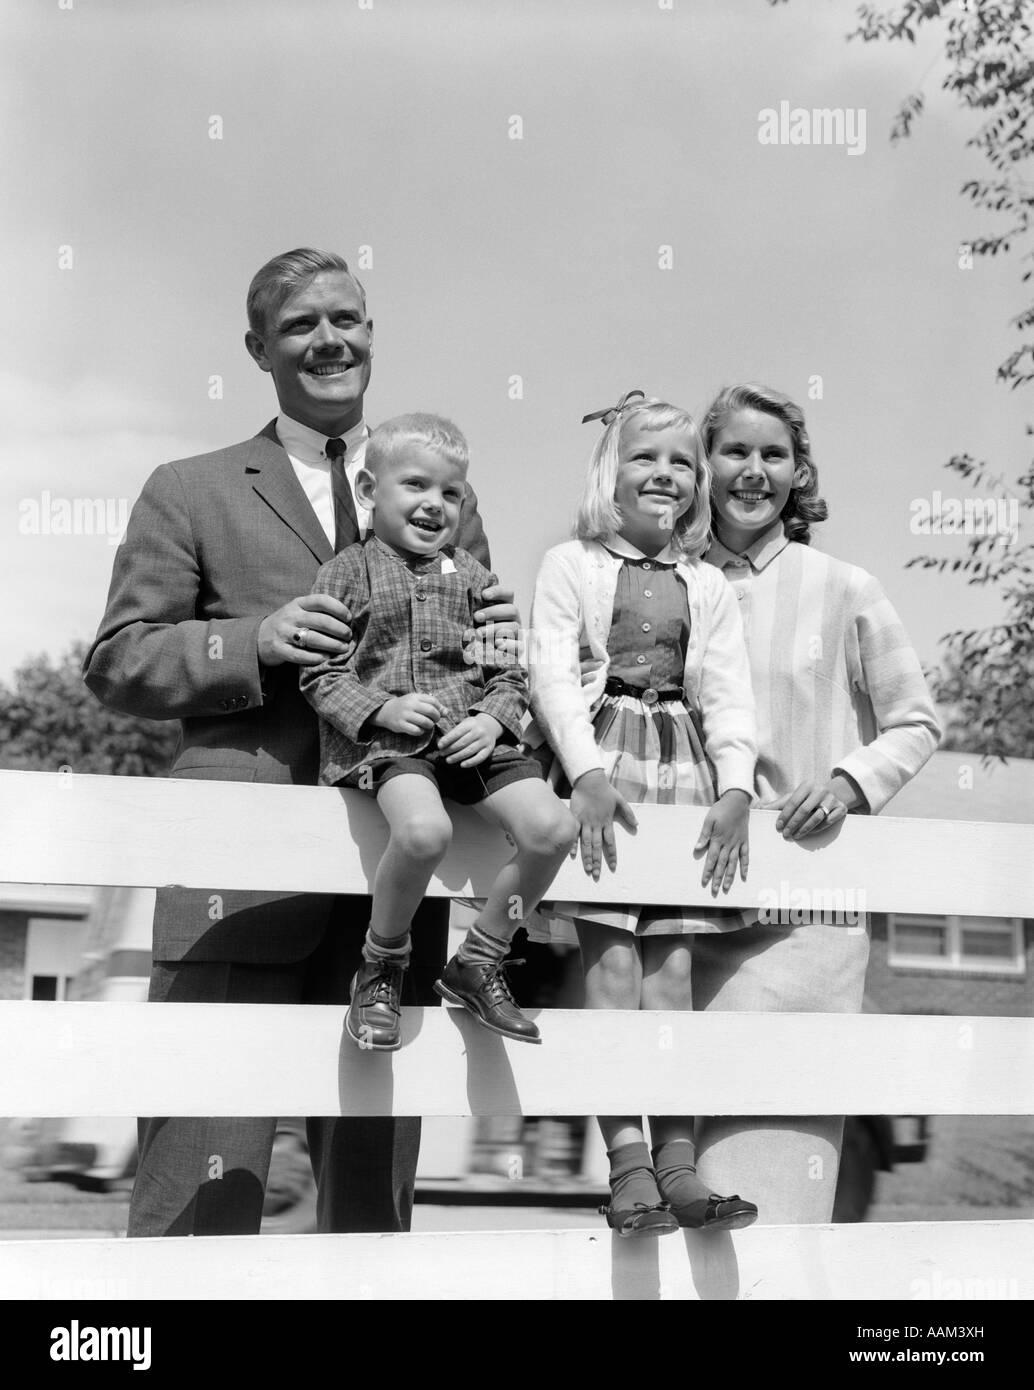 1950 Retrato de familia PADRE HOMBRE MUJER Madre Hija joven hijo detrás de traspatio valla sonriente HACIA Imagen De Stock